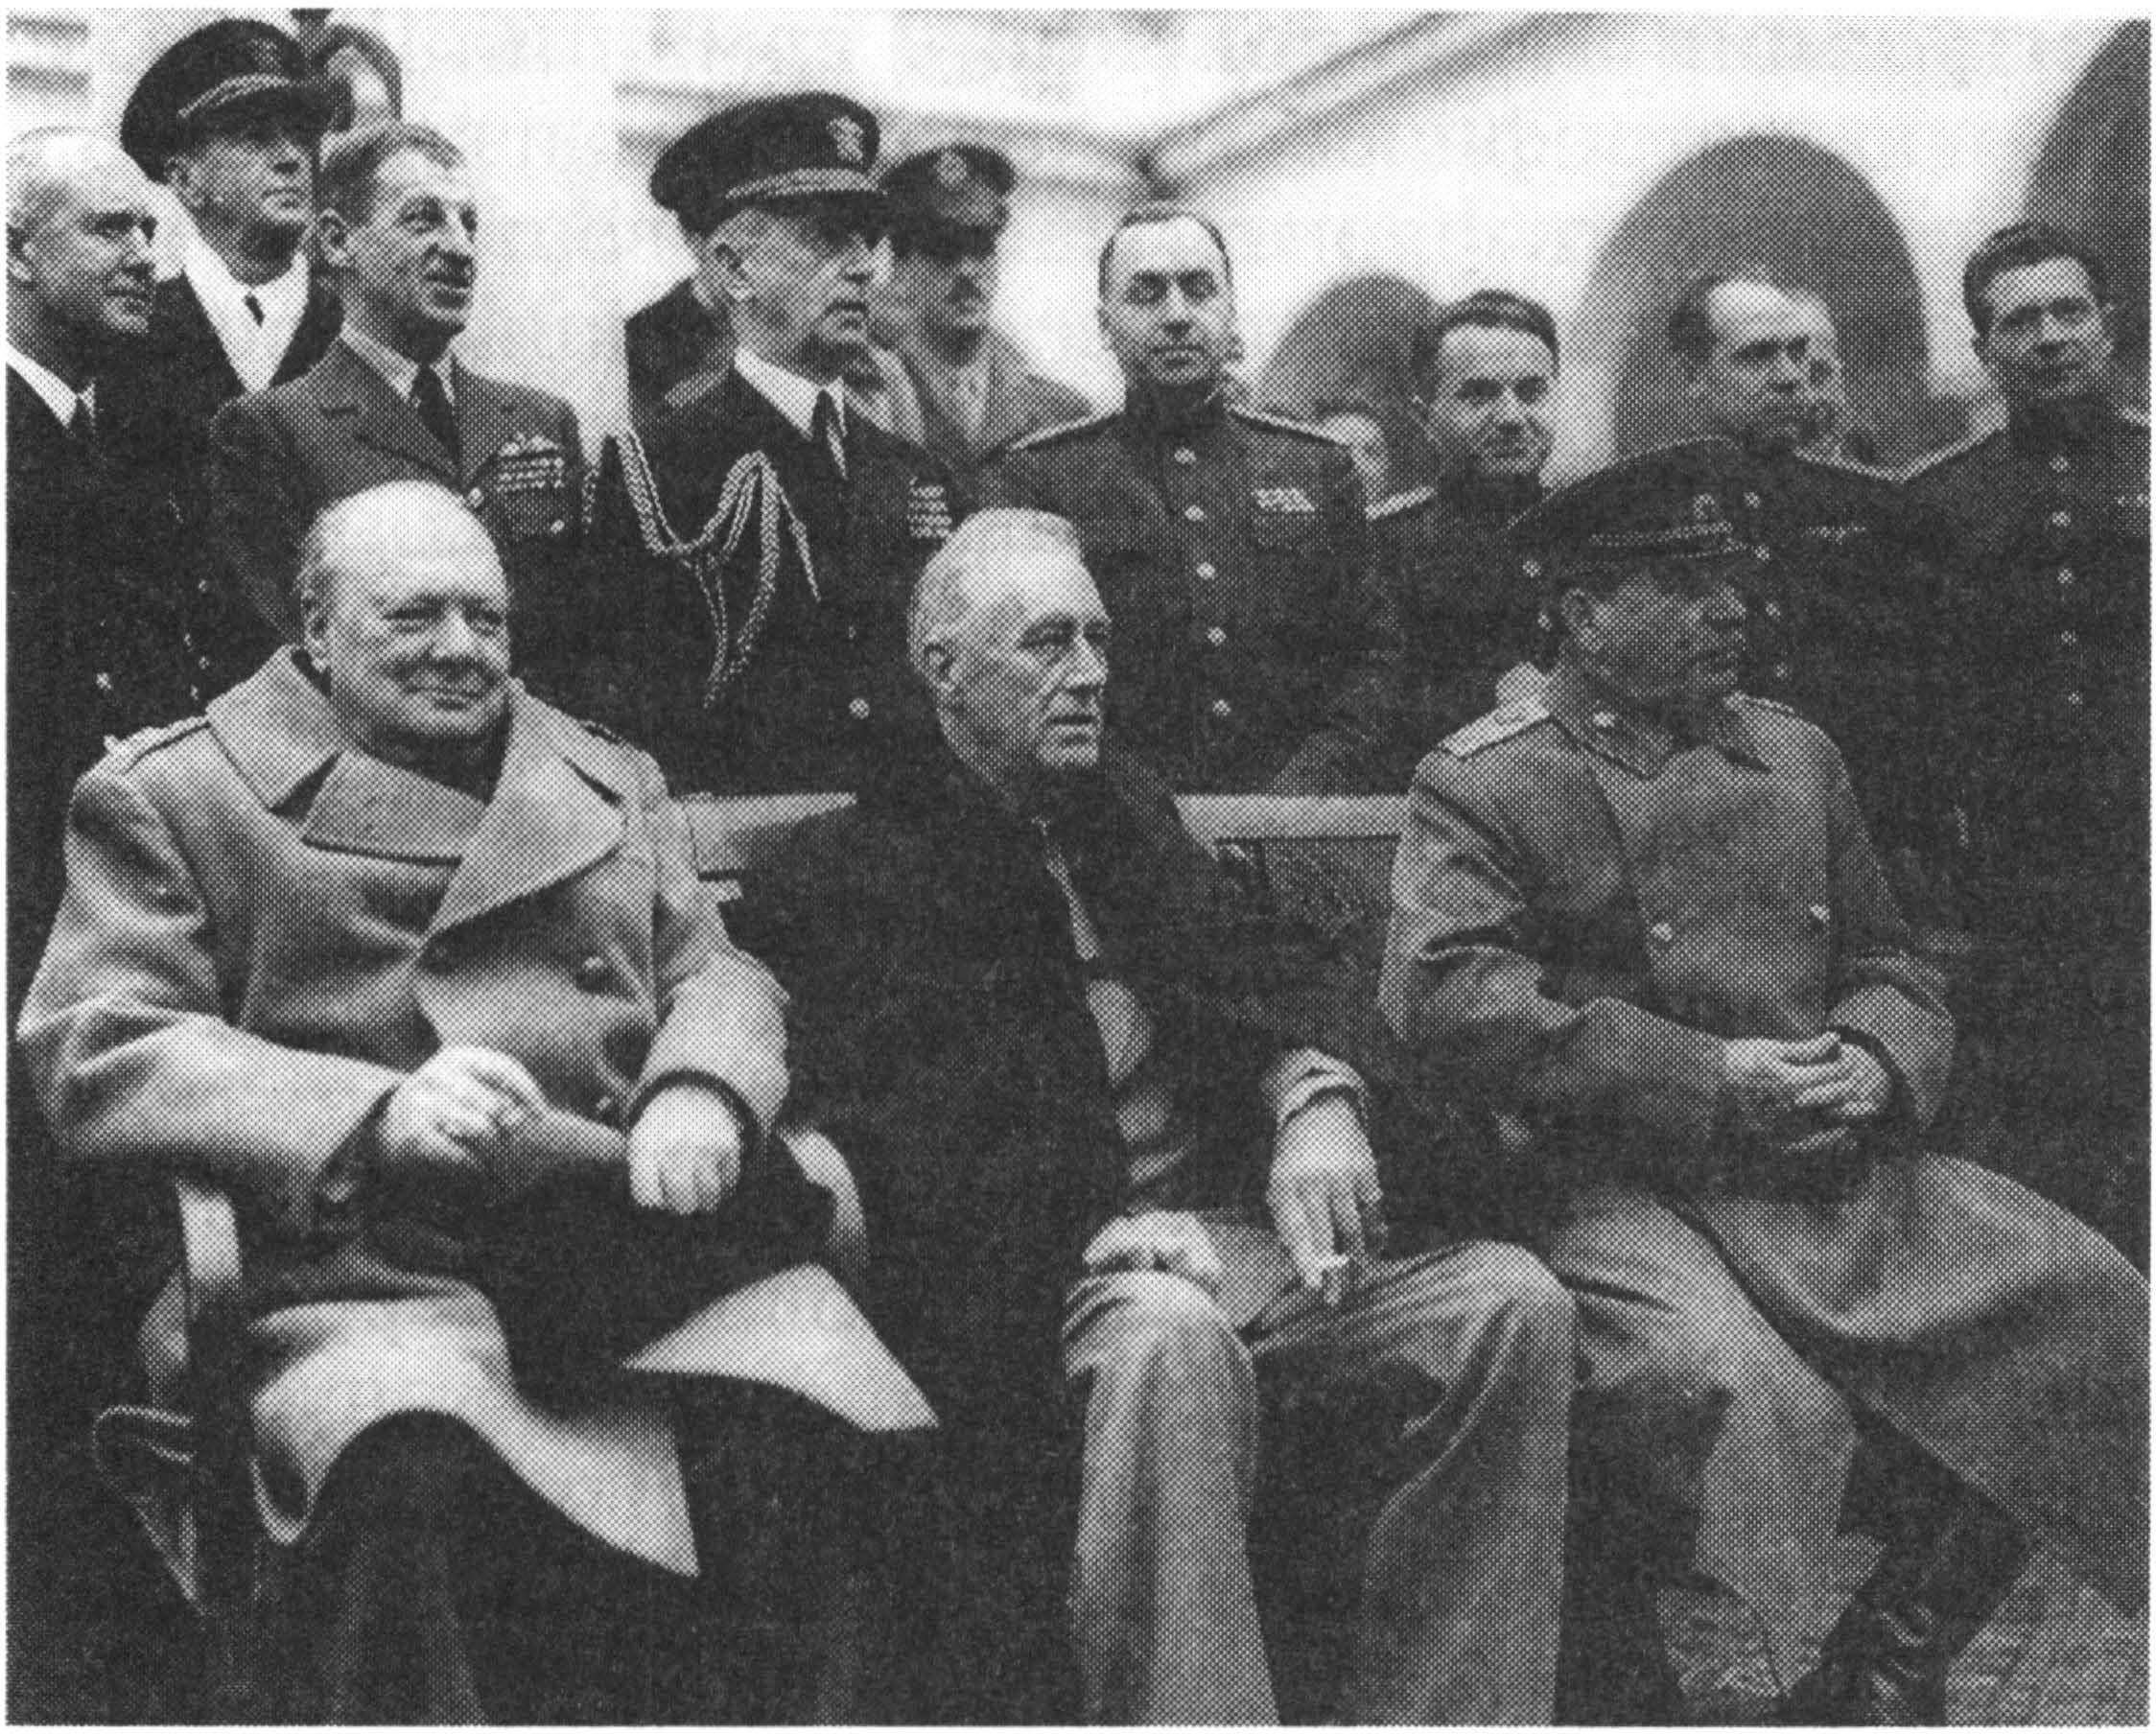 Крымская Ялтинская конференция союзных держав года кратко  У Черчилль Ф Д Рузвельт и И В Сталин на Ялтинской Крымской конференции Февраль 1945 г